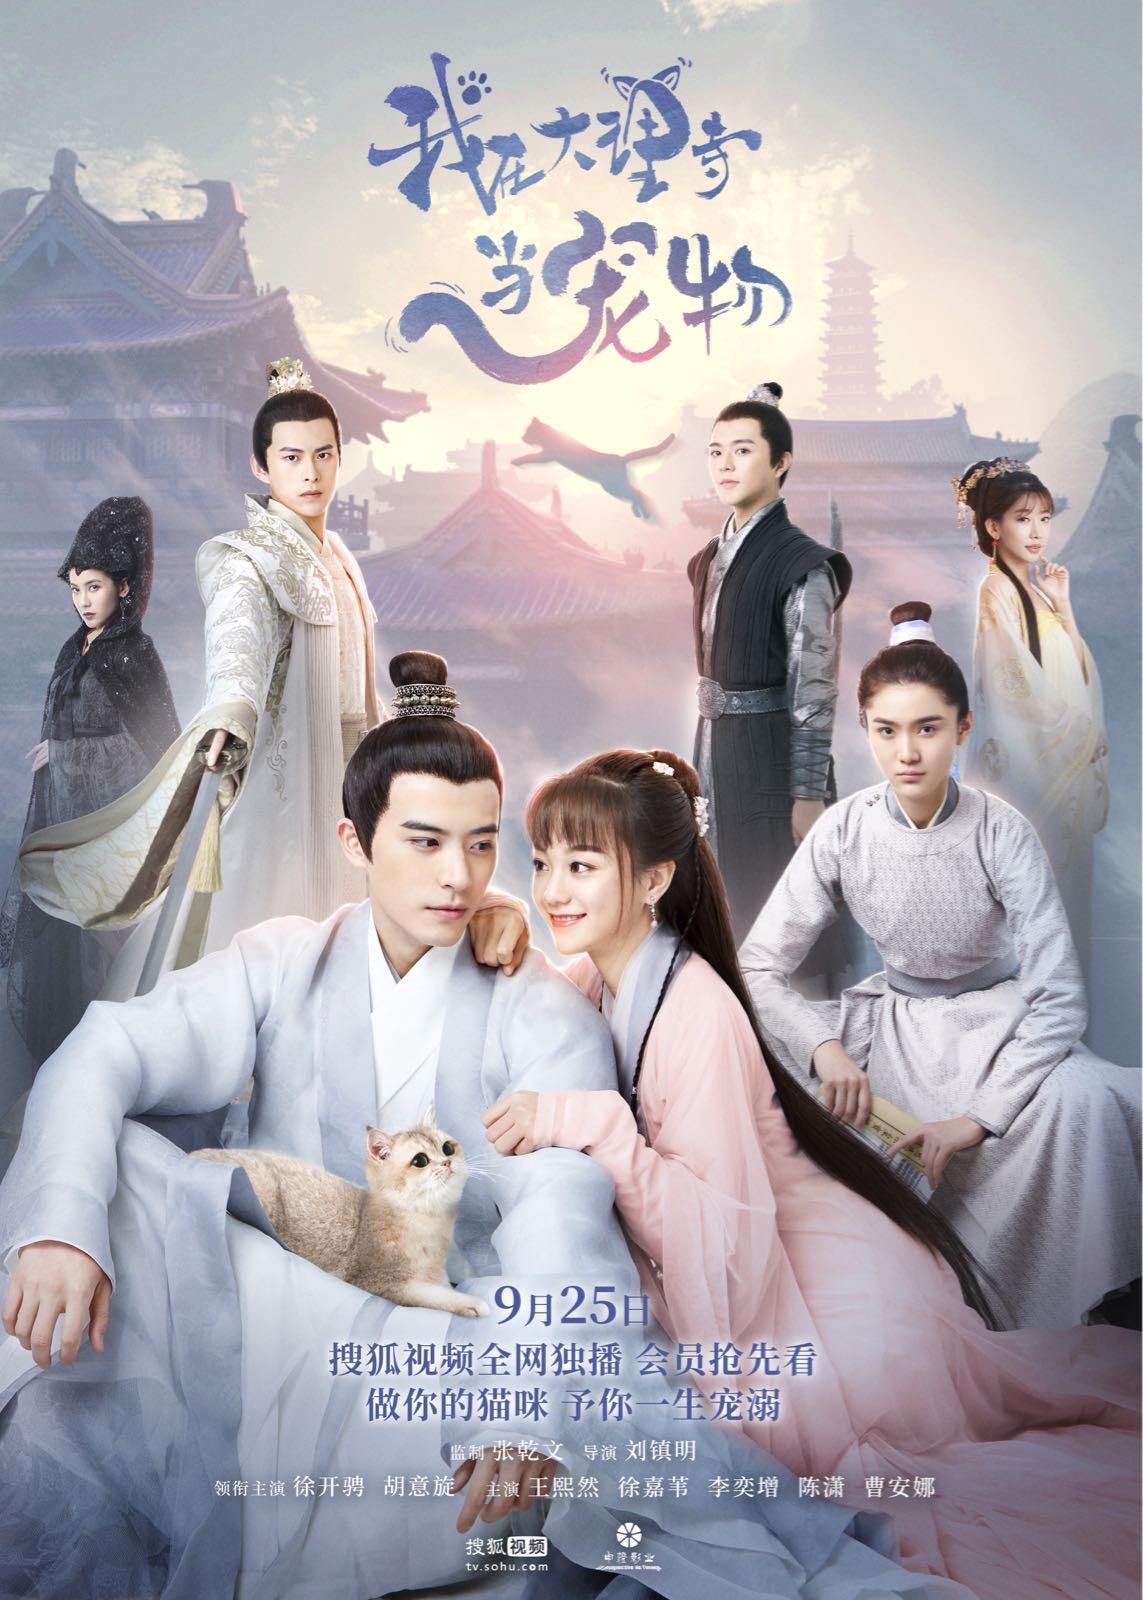 搜狐视频关于《我在大理寺当宠物》的维权声明